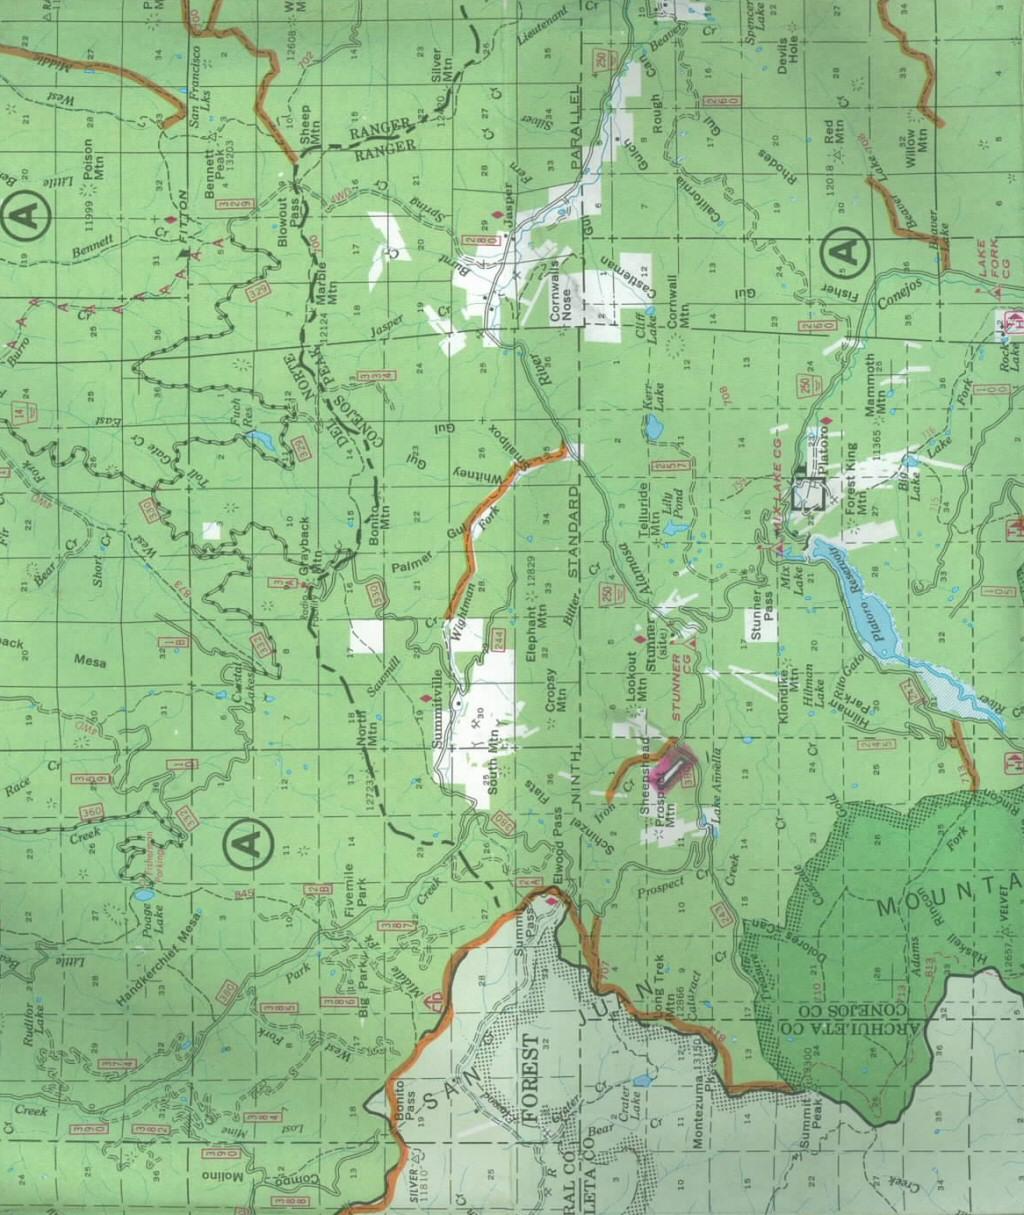 20.33 acres in Conejos County, Colorado